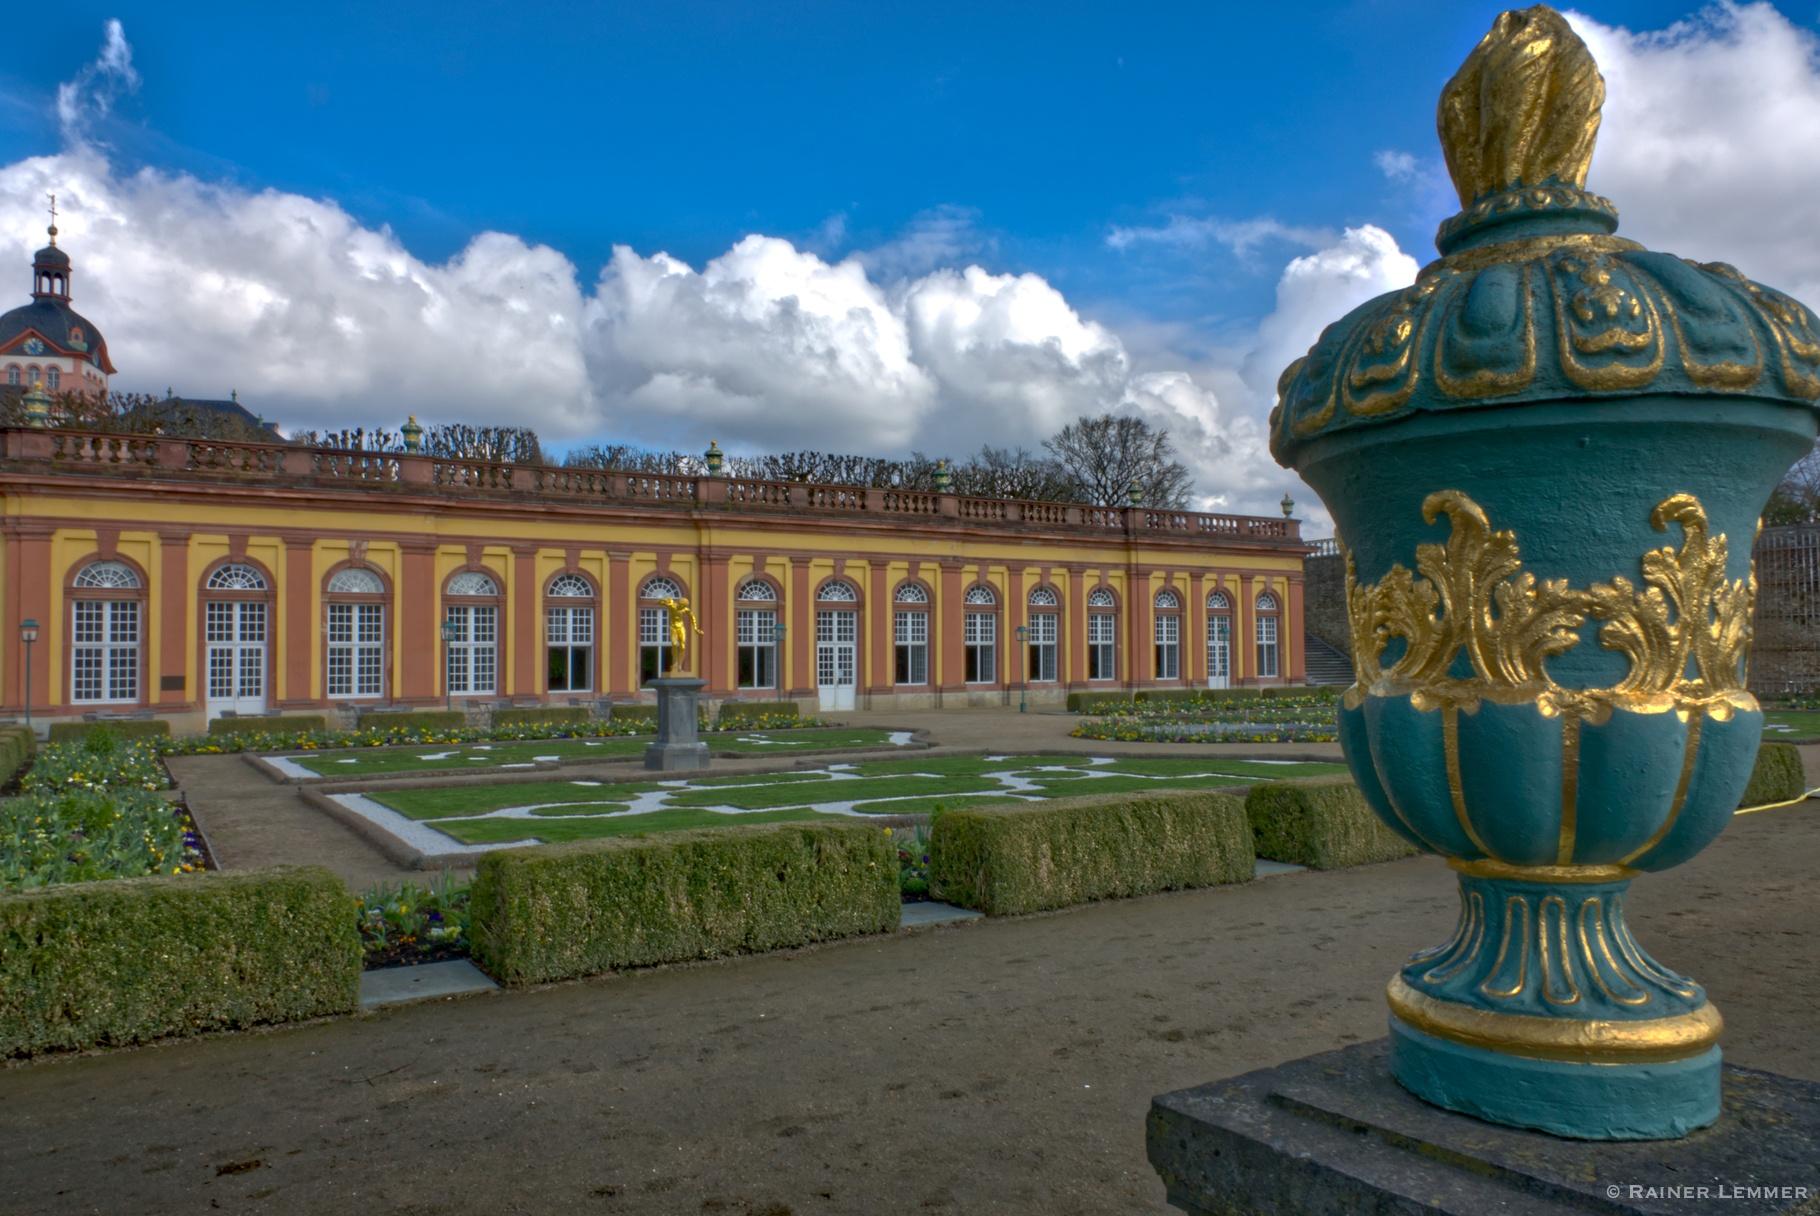 12 km Geopfad Weilburg, Schlossgärten, historischer Friedhof und tolle Aussichten